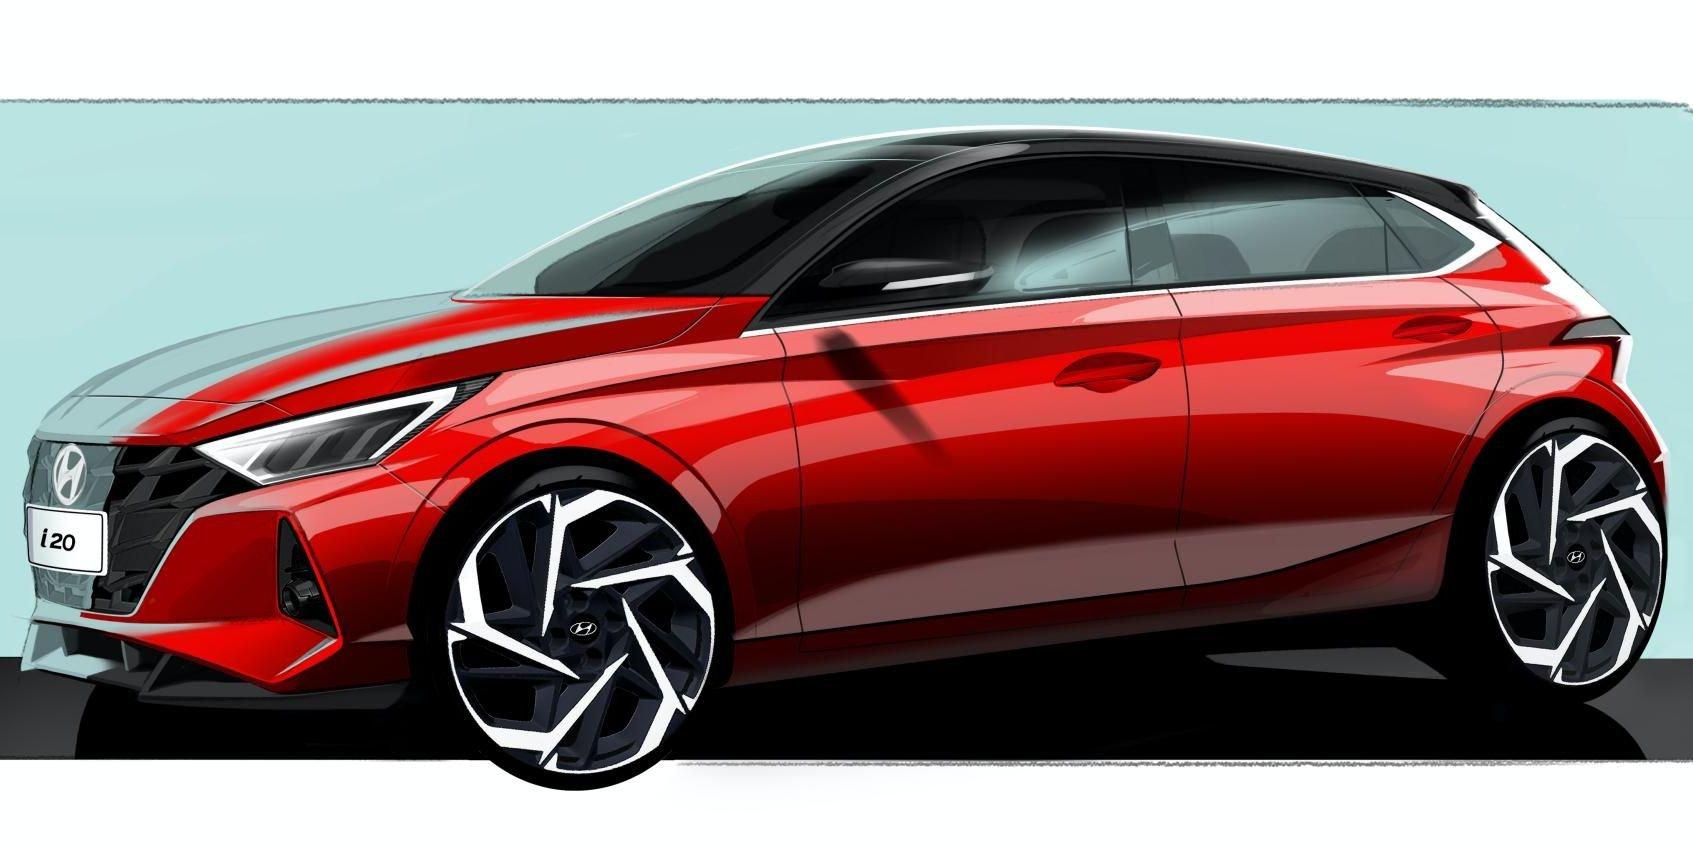 2020 Hyundai i20 Spy Shots, Renders Hint At Euro Model Refresh